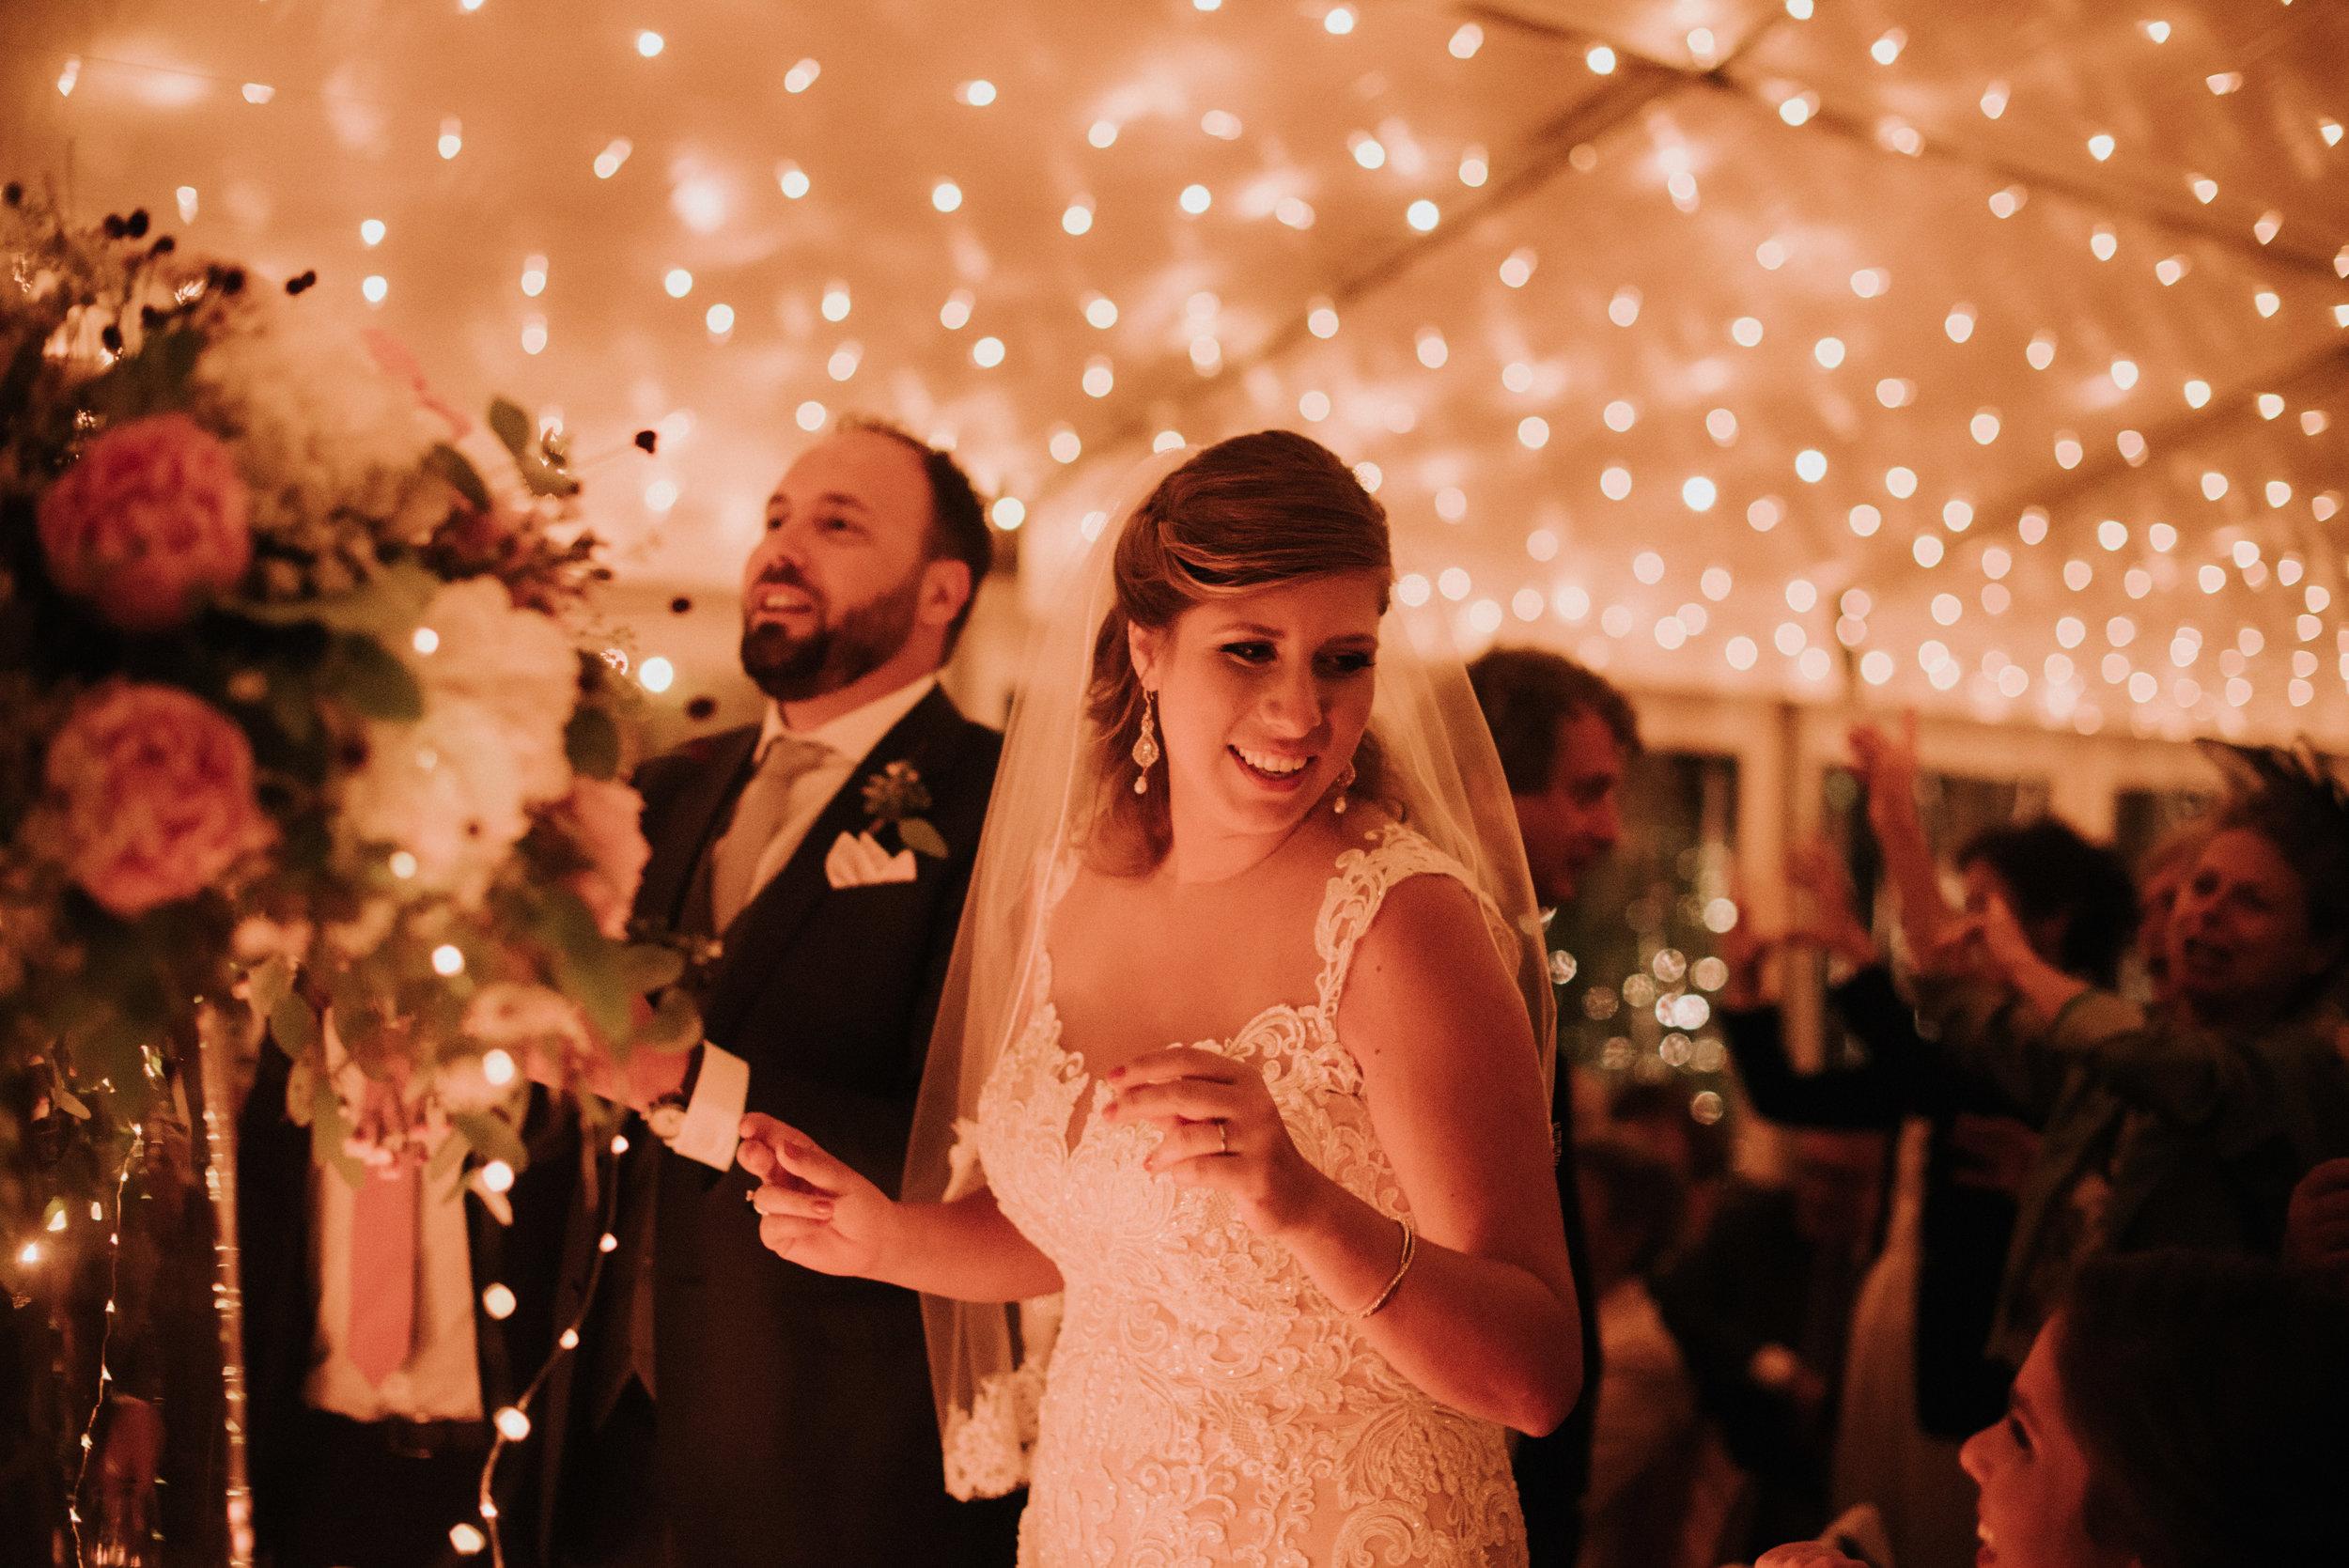 Léa-Fery-photographe-professionnel-lyon-rhone-alpes-portrait-creation-mariage-evenement-evenementiel-famille-1593.jpg